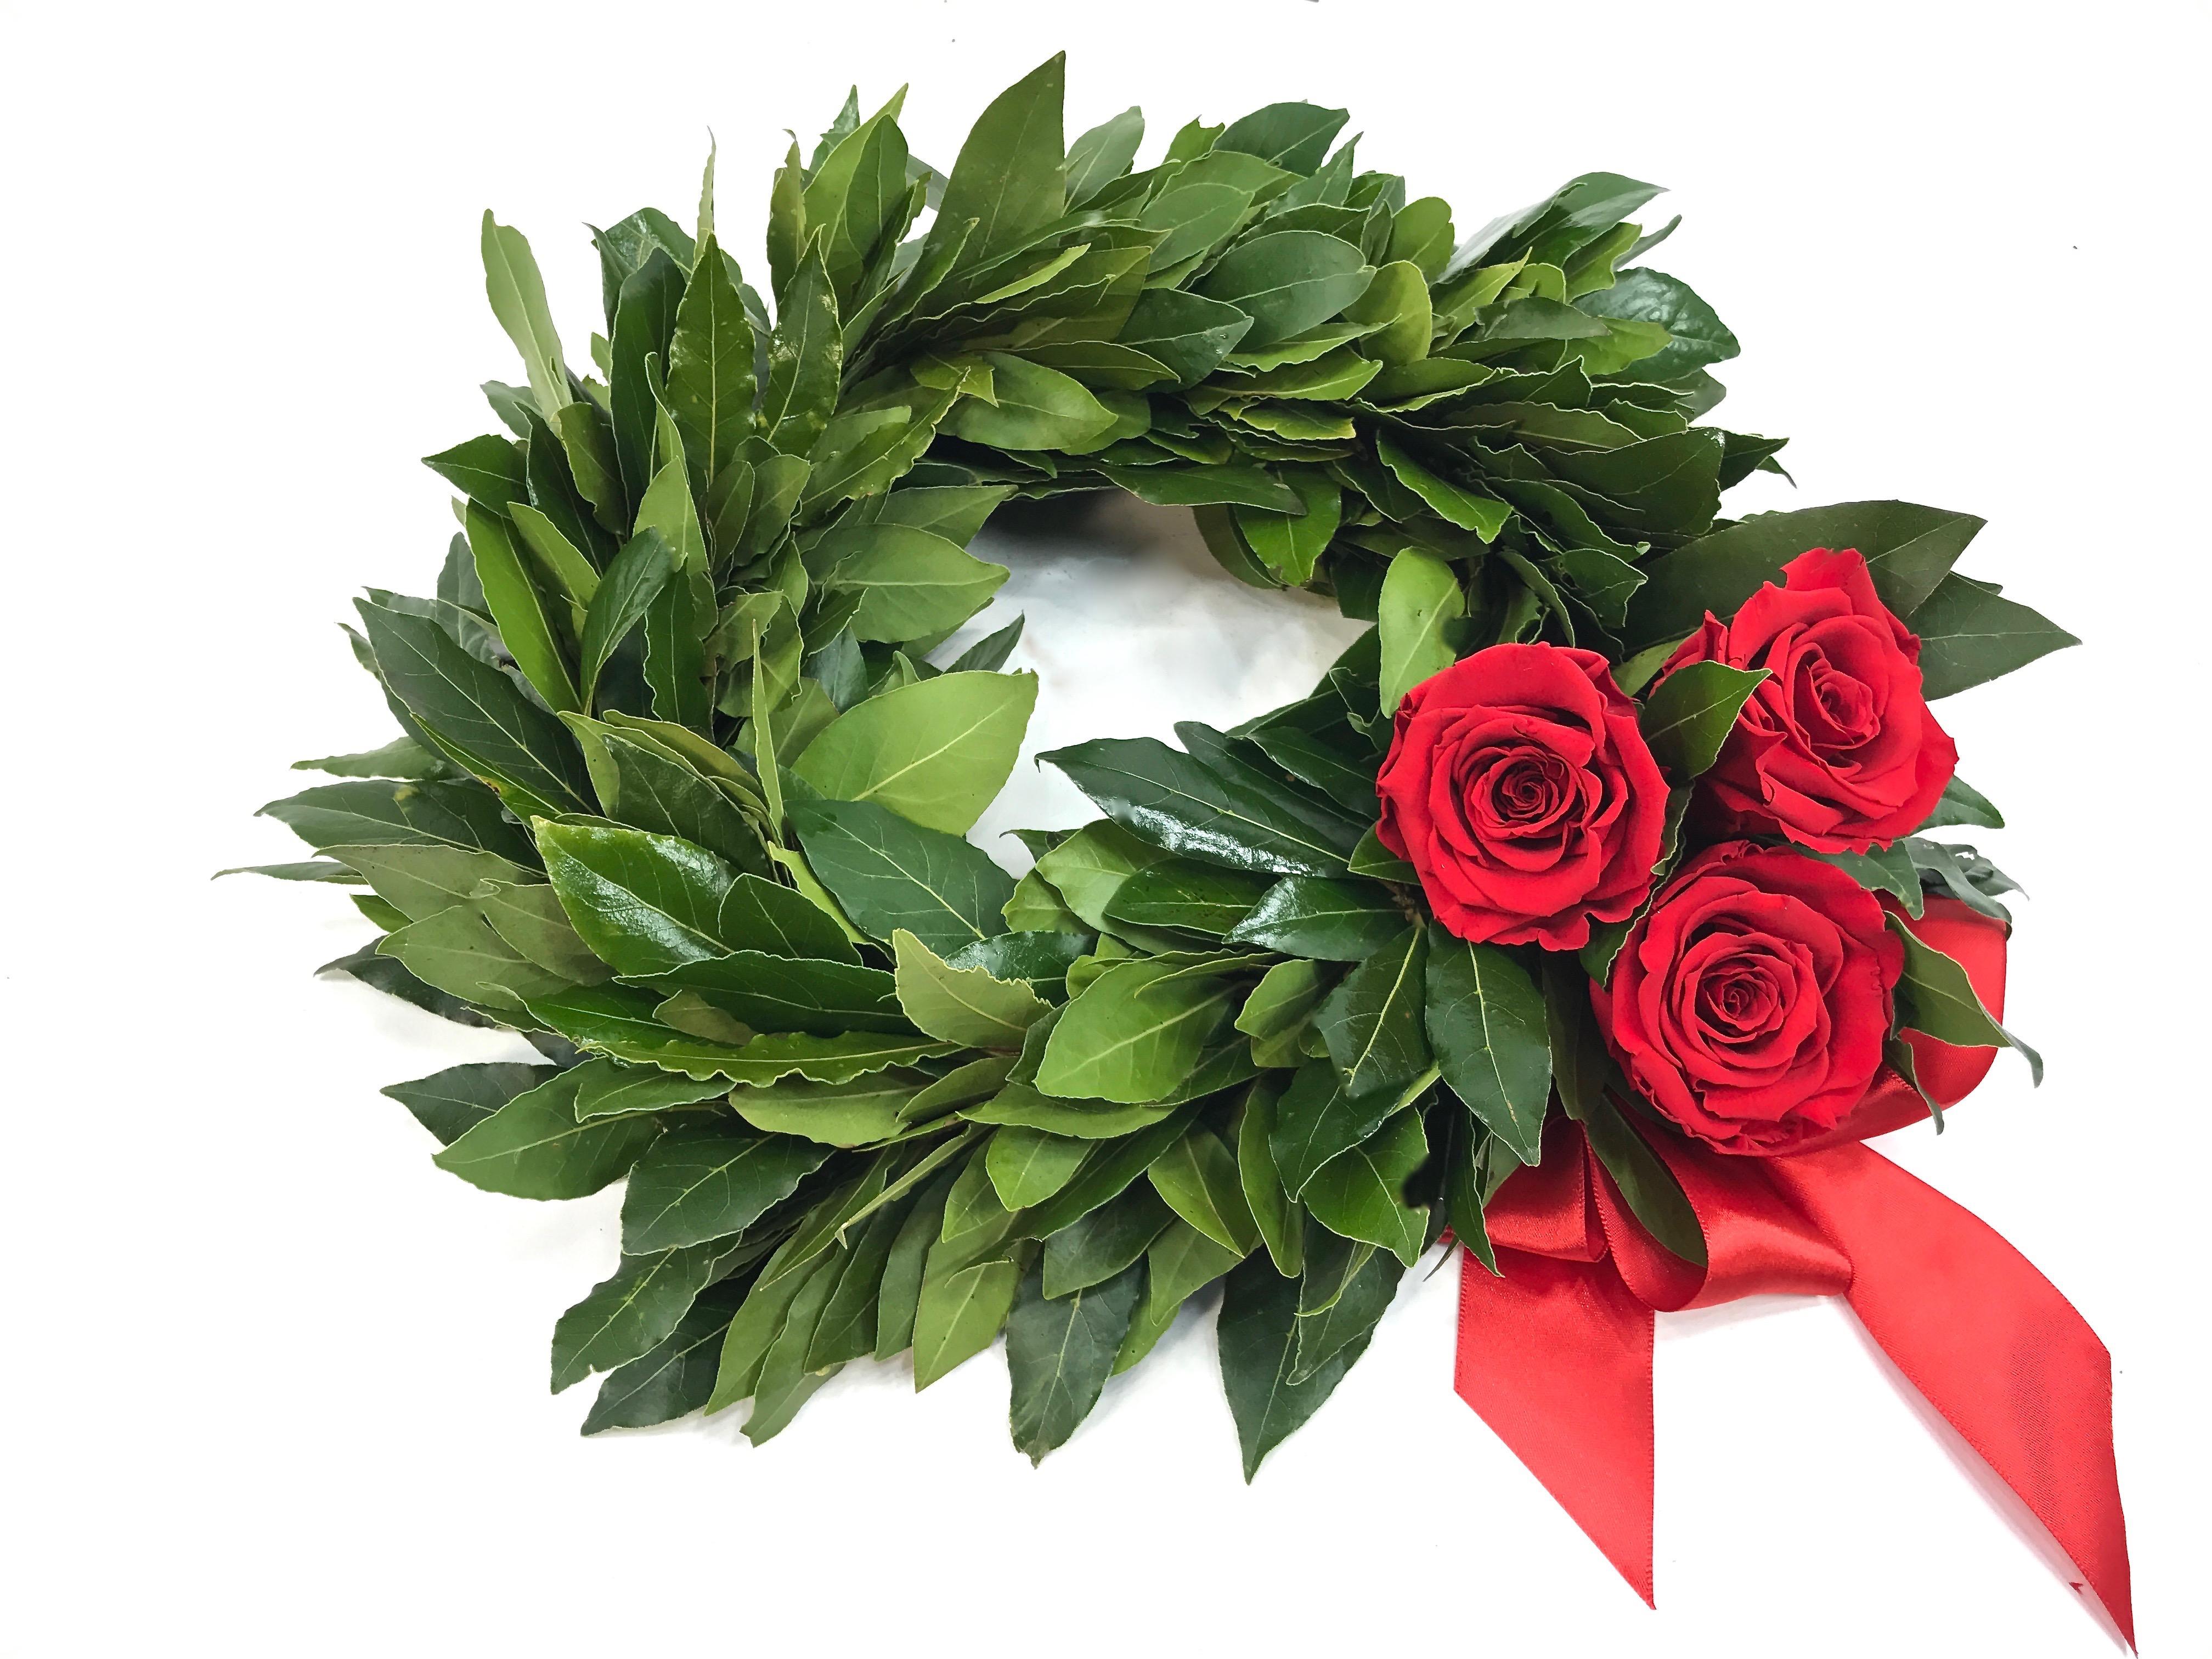 Corona Di Alloro Con Tre Rose Rosse Fiorit Fiori A Domicilio A